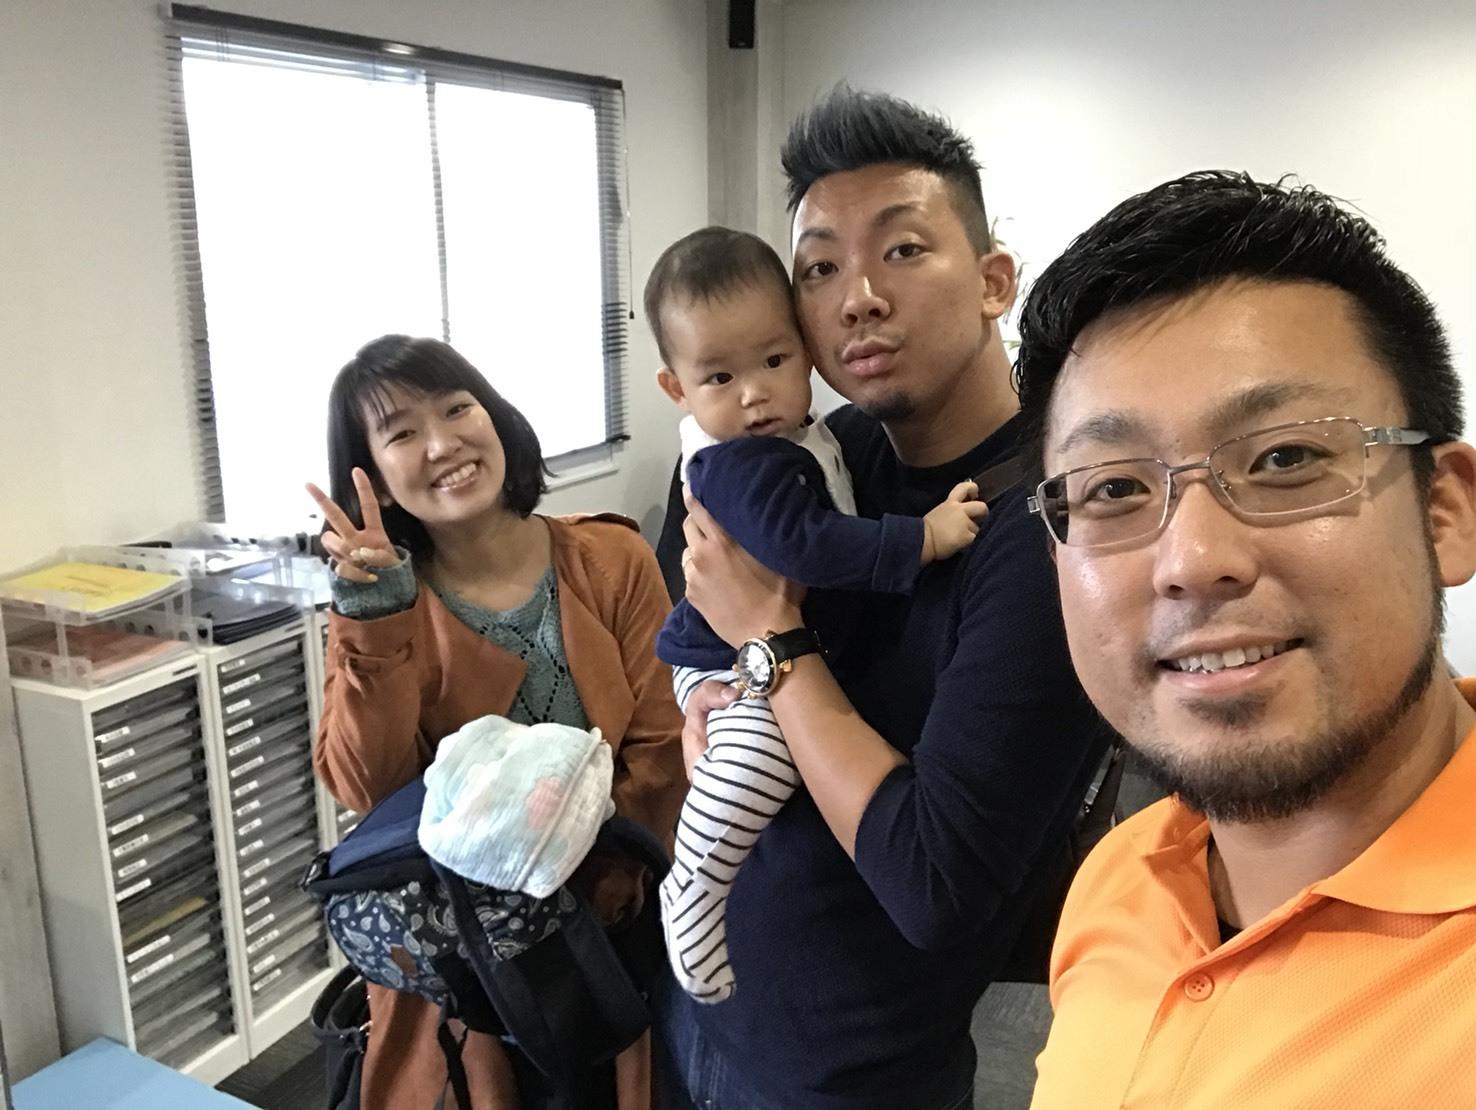 3月30日(金)トミーベース カスタムブログ☆S社様、新車のヴェルファイア到着☆カマロカスタム中☆_b0127002_12104199.jpg